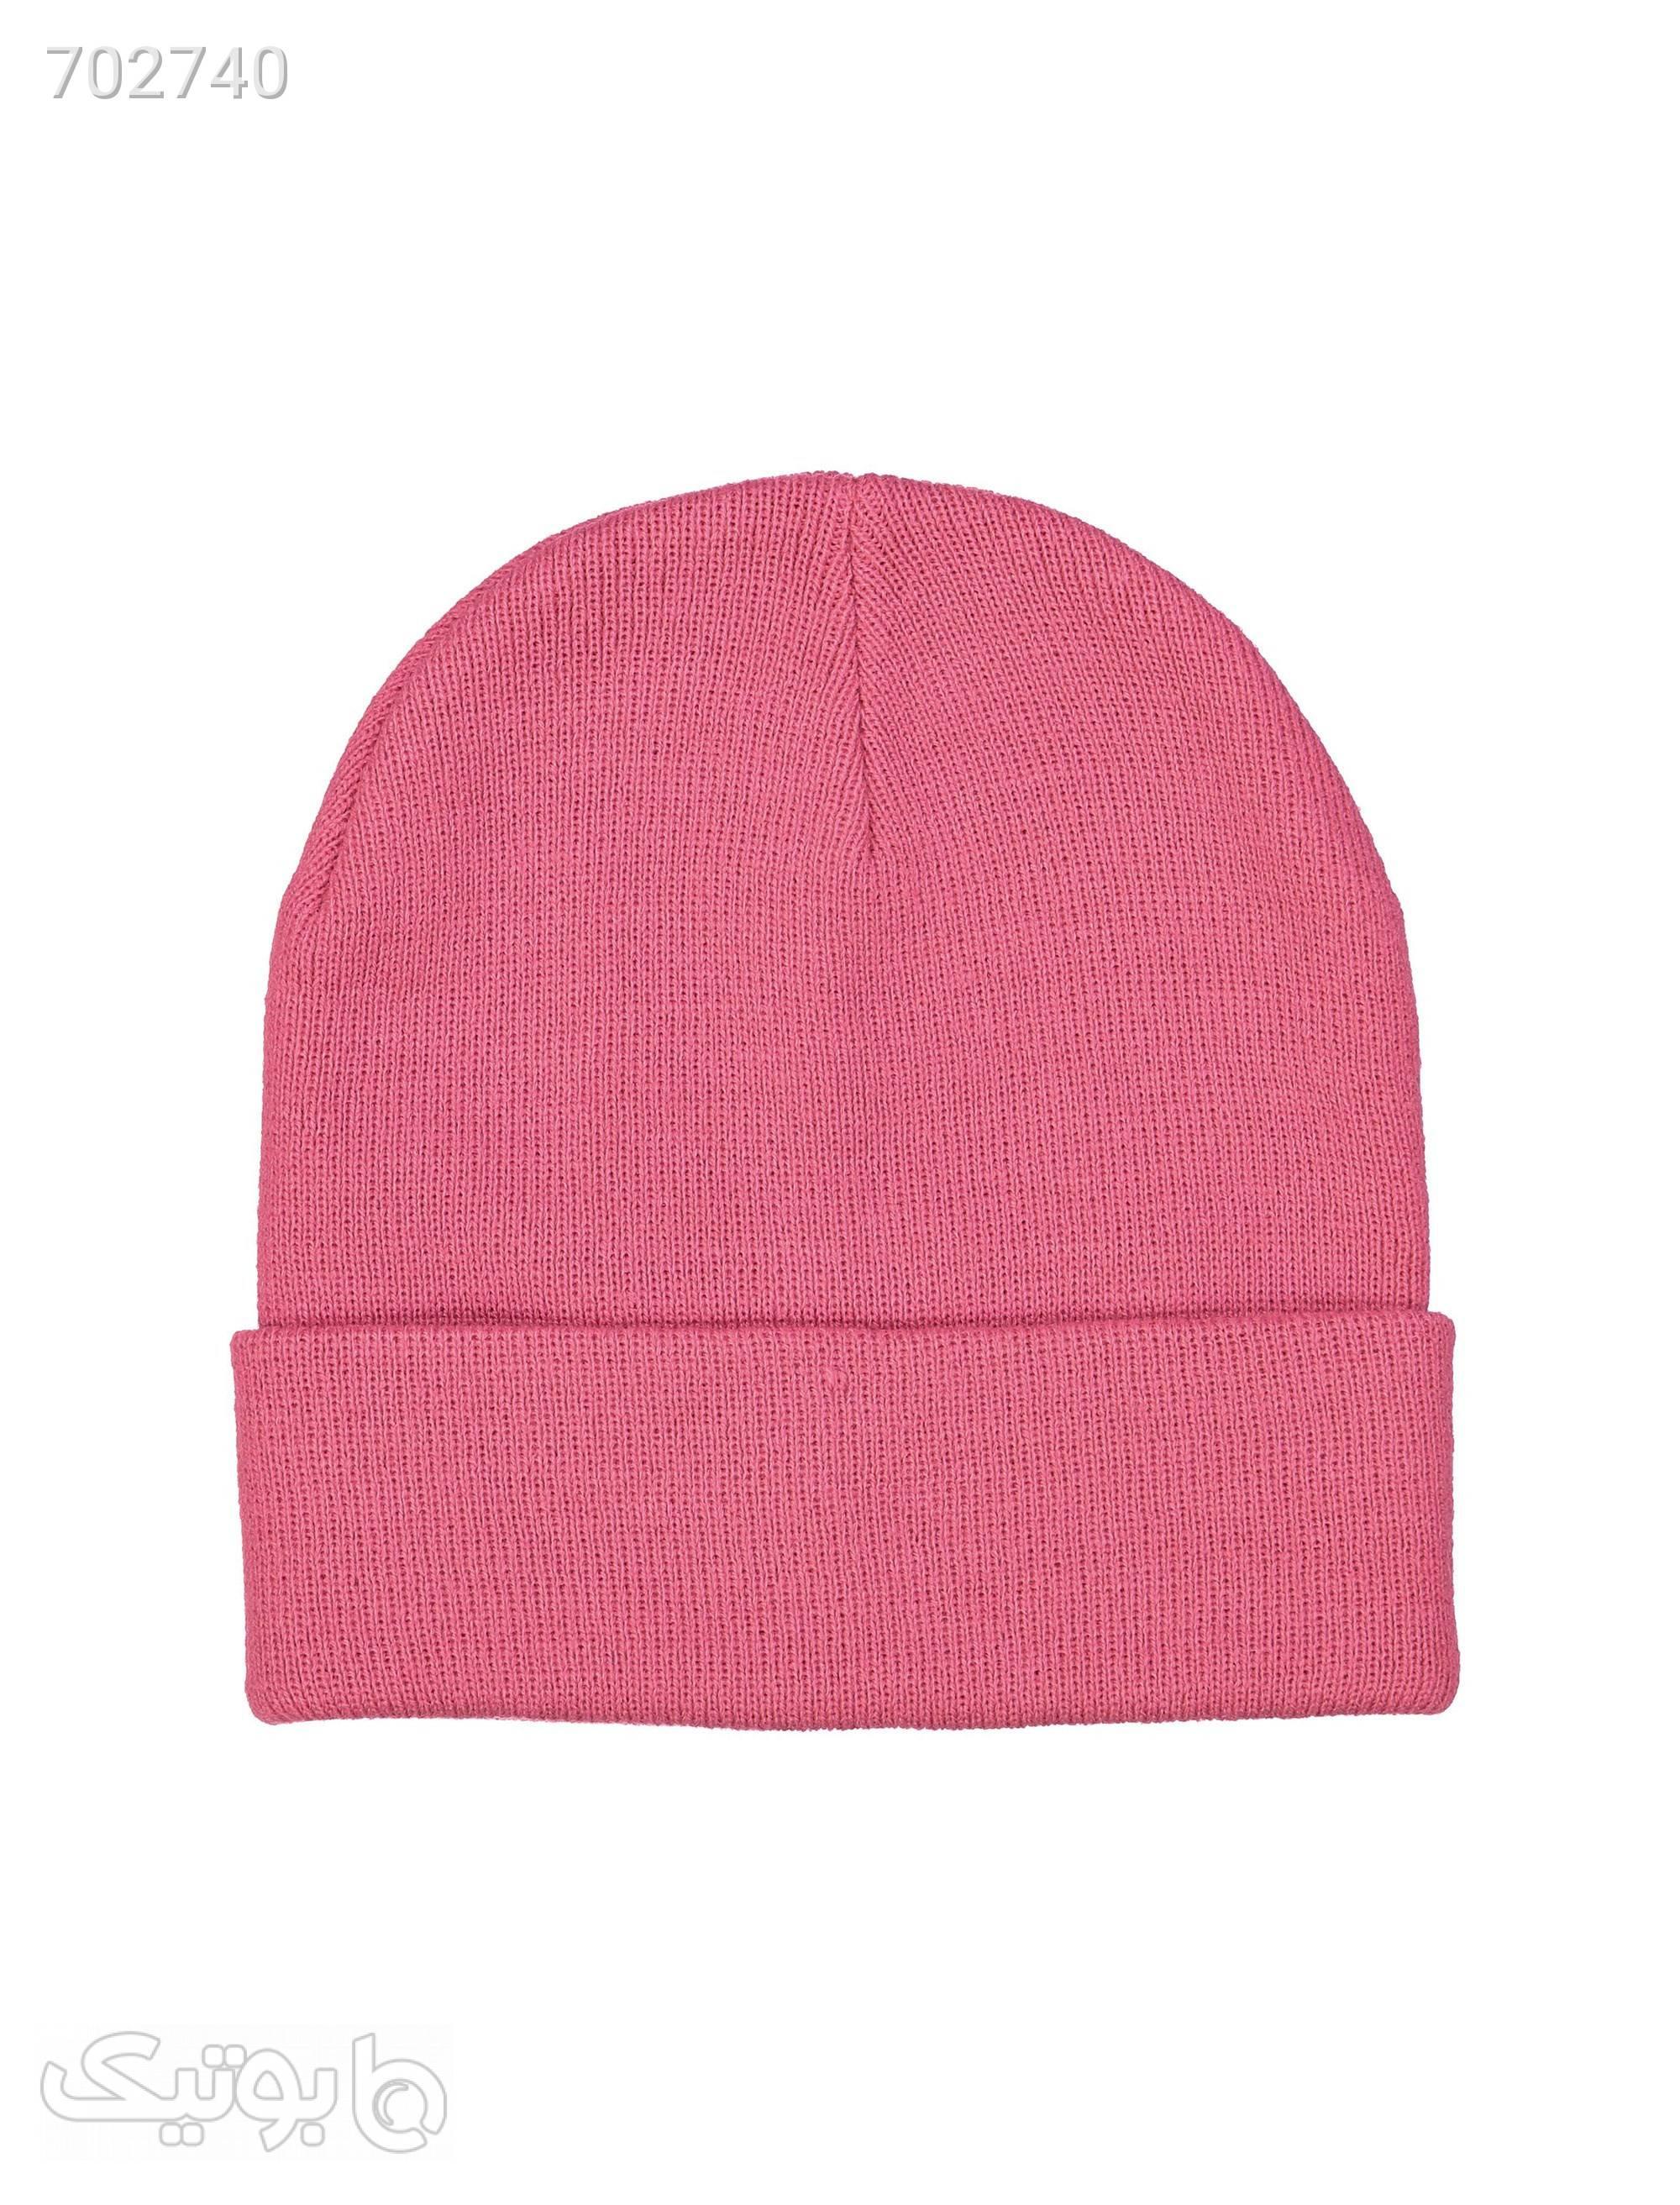 کلاه بافتنی زنانهورو مدا صورتی کلاه و اسکارف